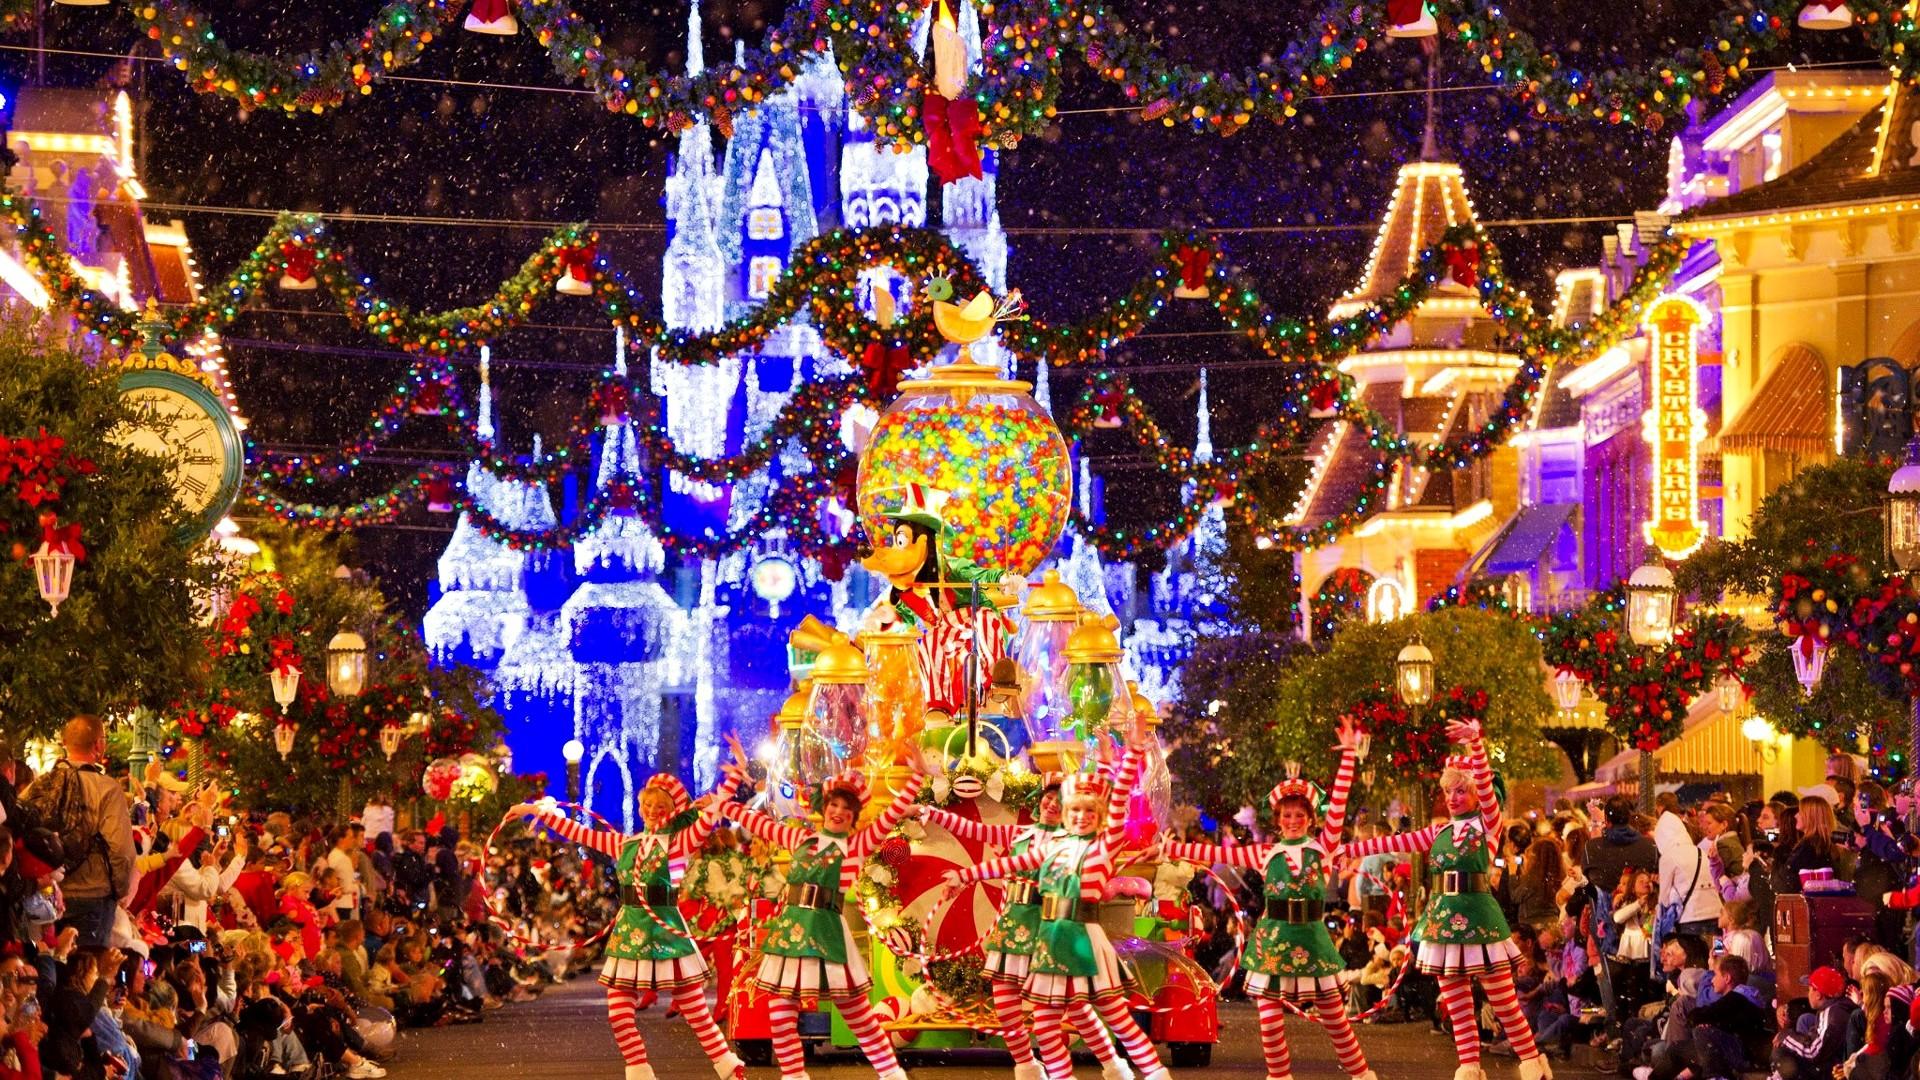 191 1915000 christmas parade at disneyland hd wallpaper 1080p disney